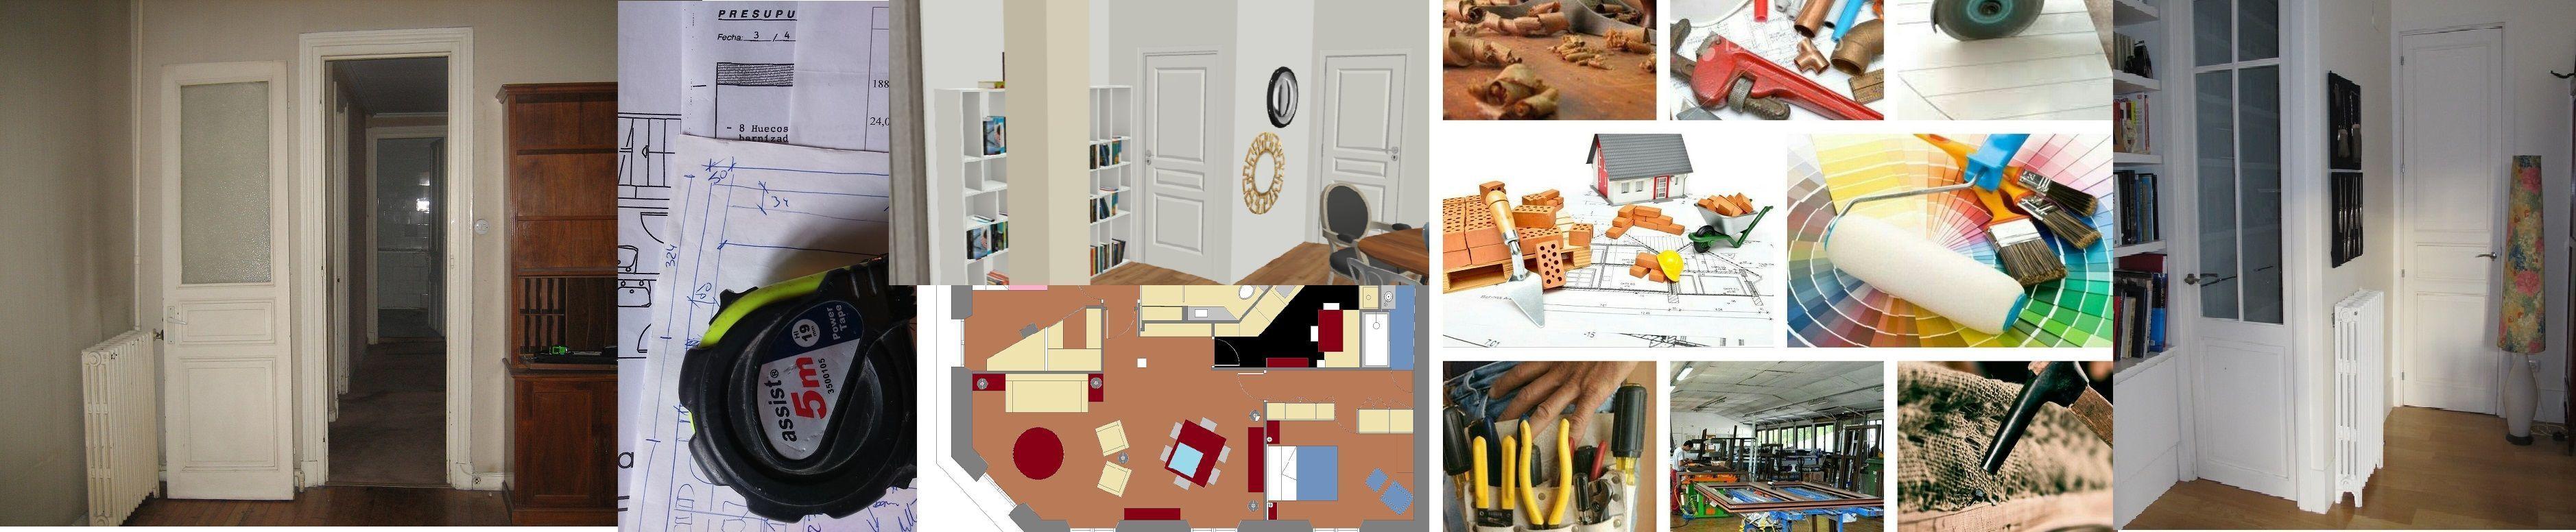 proyectos reformas decoración san sebastian